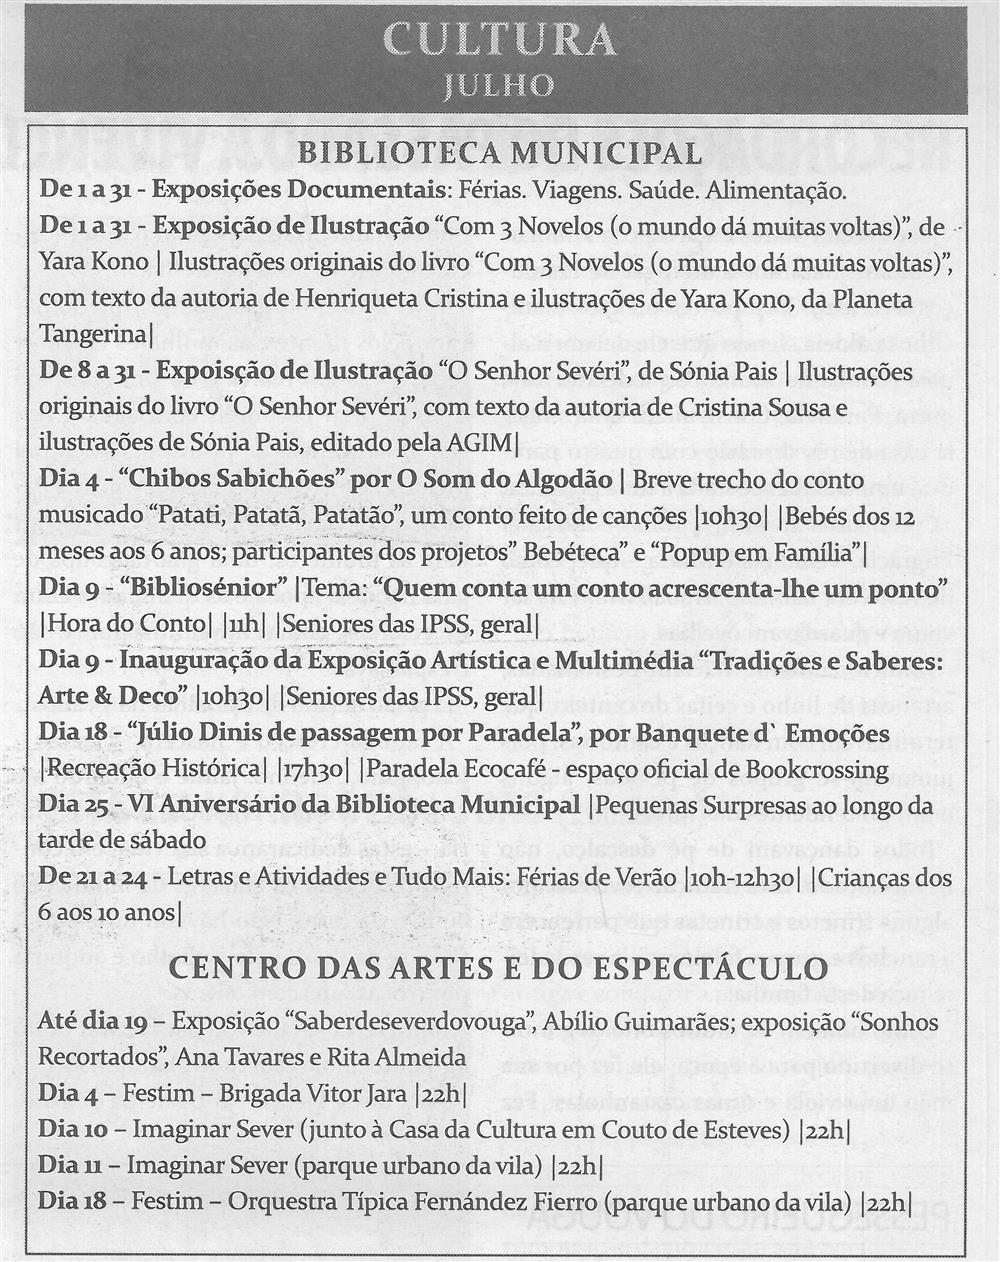 TV-jul.'15-p.14-Cultura : julho : Biblioteca Municipal : Centro das Artes e do Espetáculo.jpg